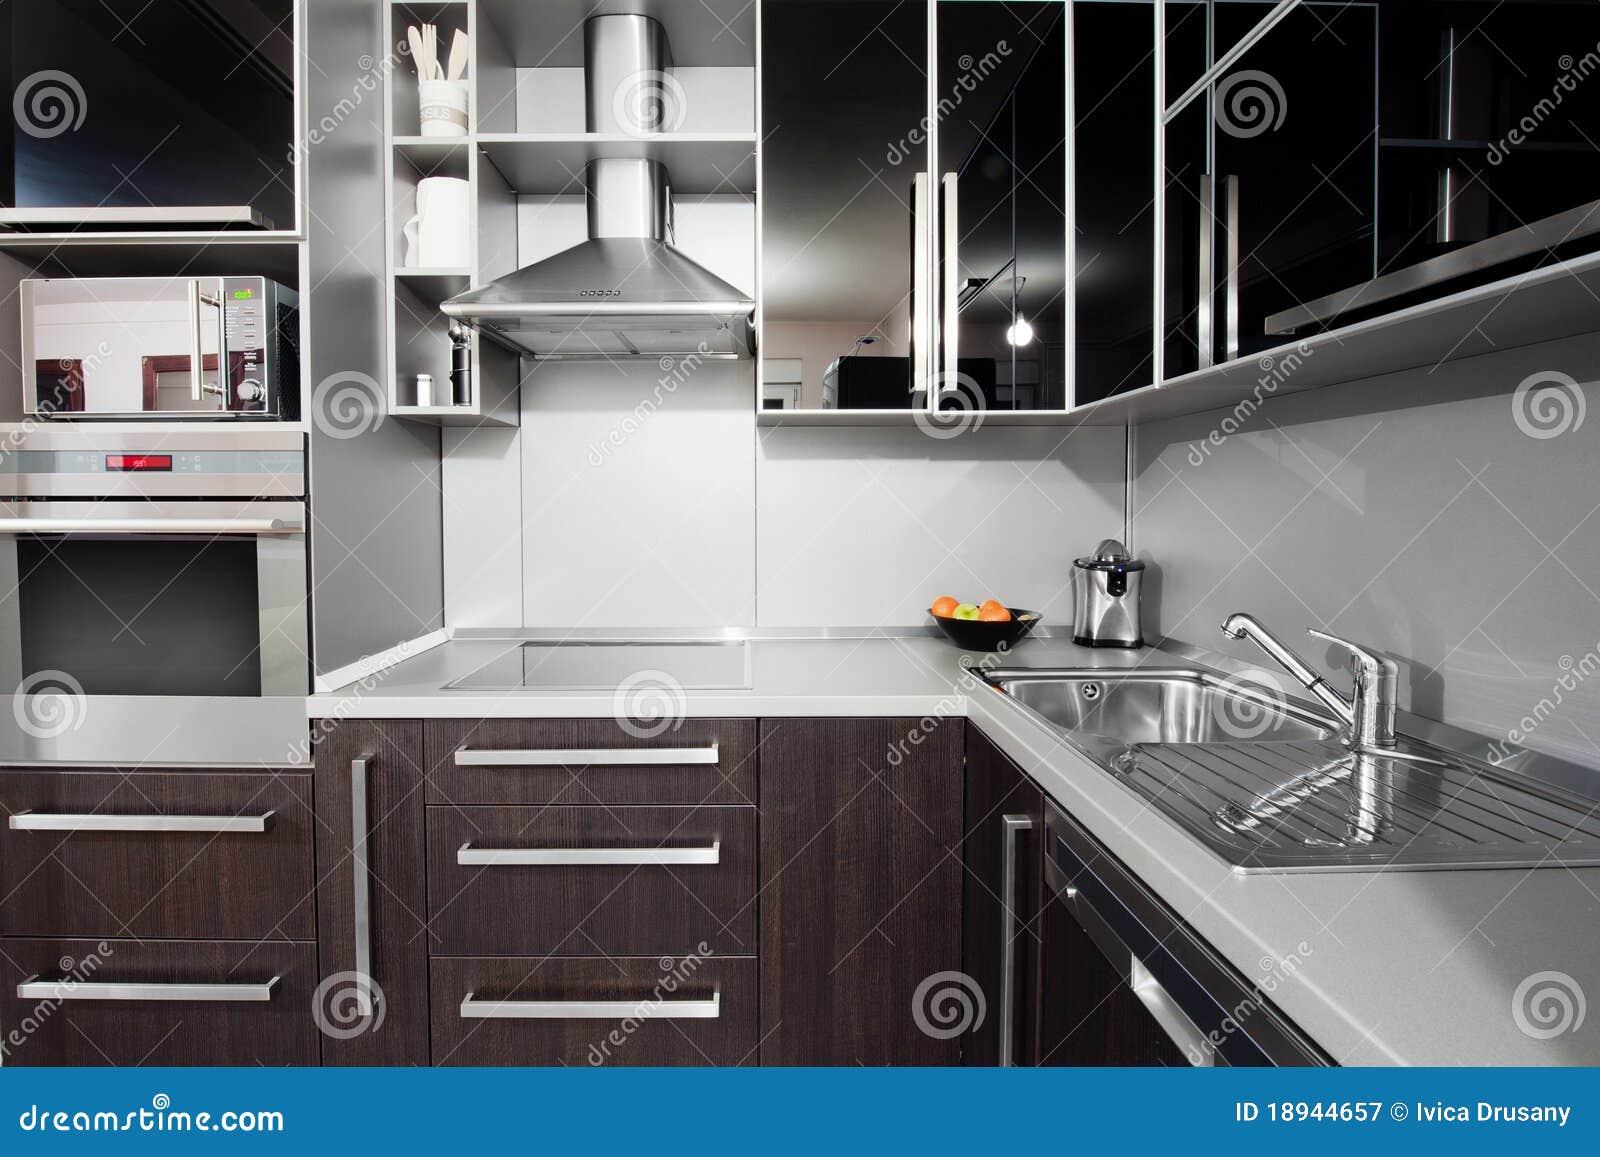 Cuisine Haricot Rouge Sec :  libre de droits Cuisine moderne dans des couleurs de noir et de wenge